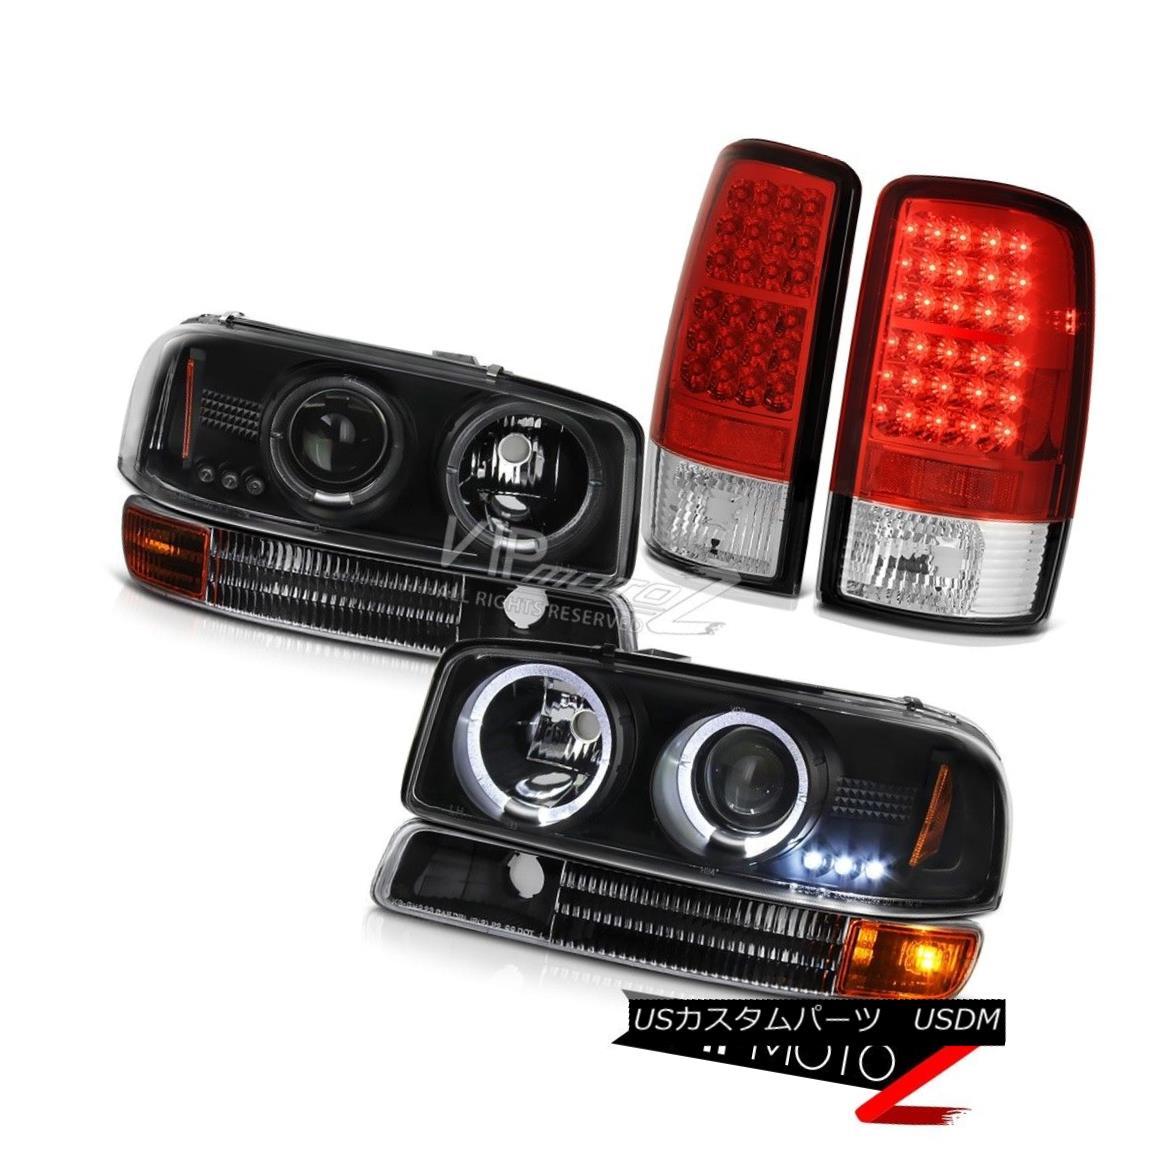 テールライト 00-06 Yukon Halo LED Projector Headlights Parking Signal Bumper SMD Tail Lights 00-06ユーコンヘイローLEDプロジェクターヘッドライトパーキング信号バンパーSMDテールライト